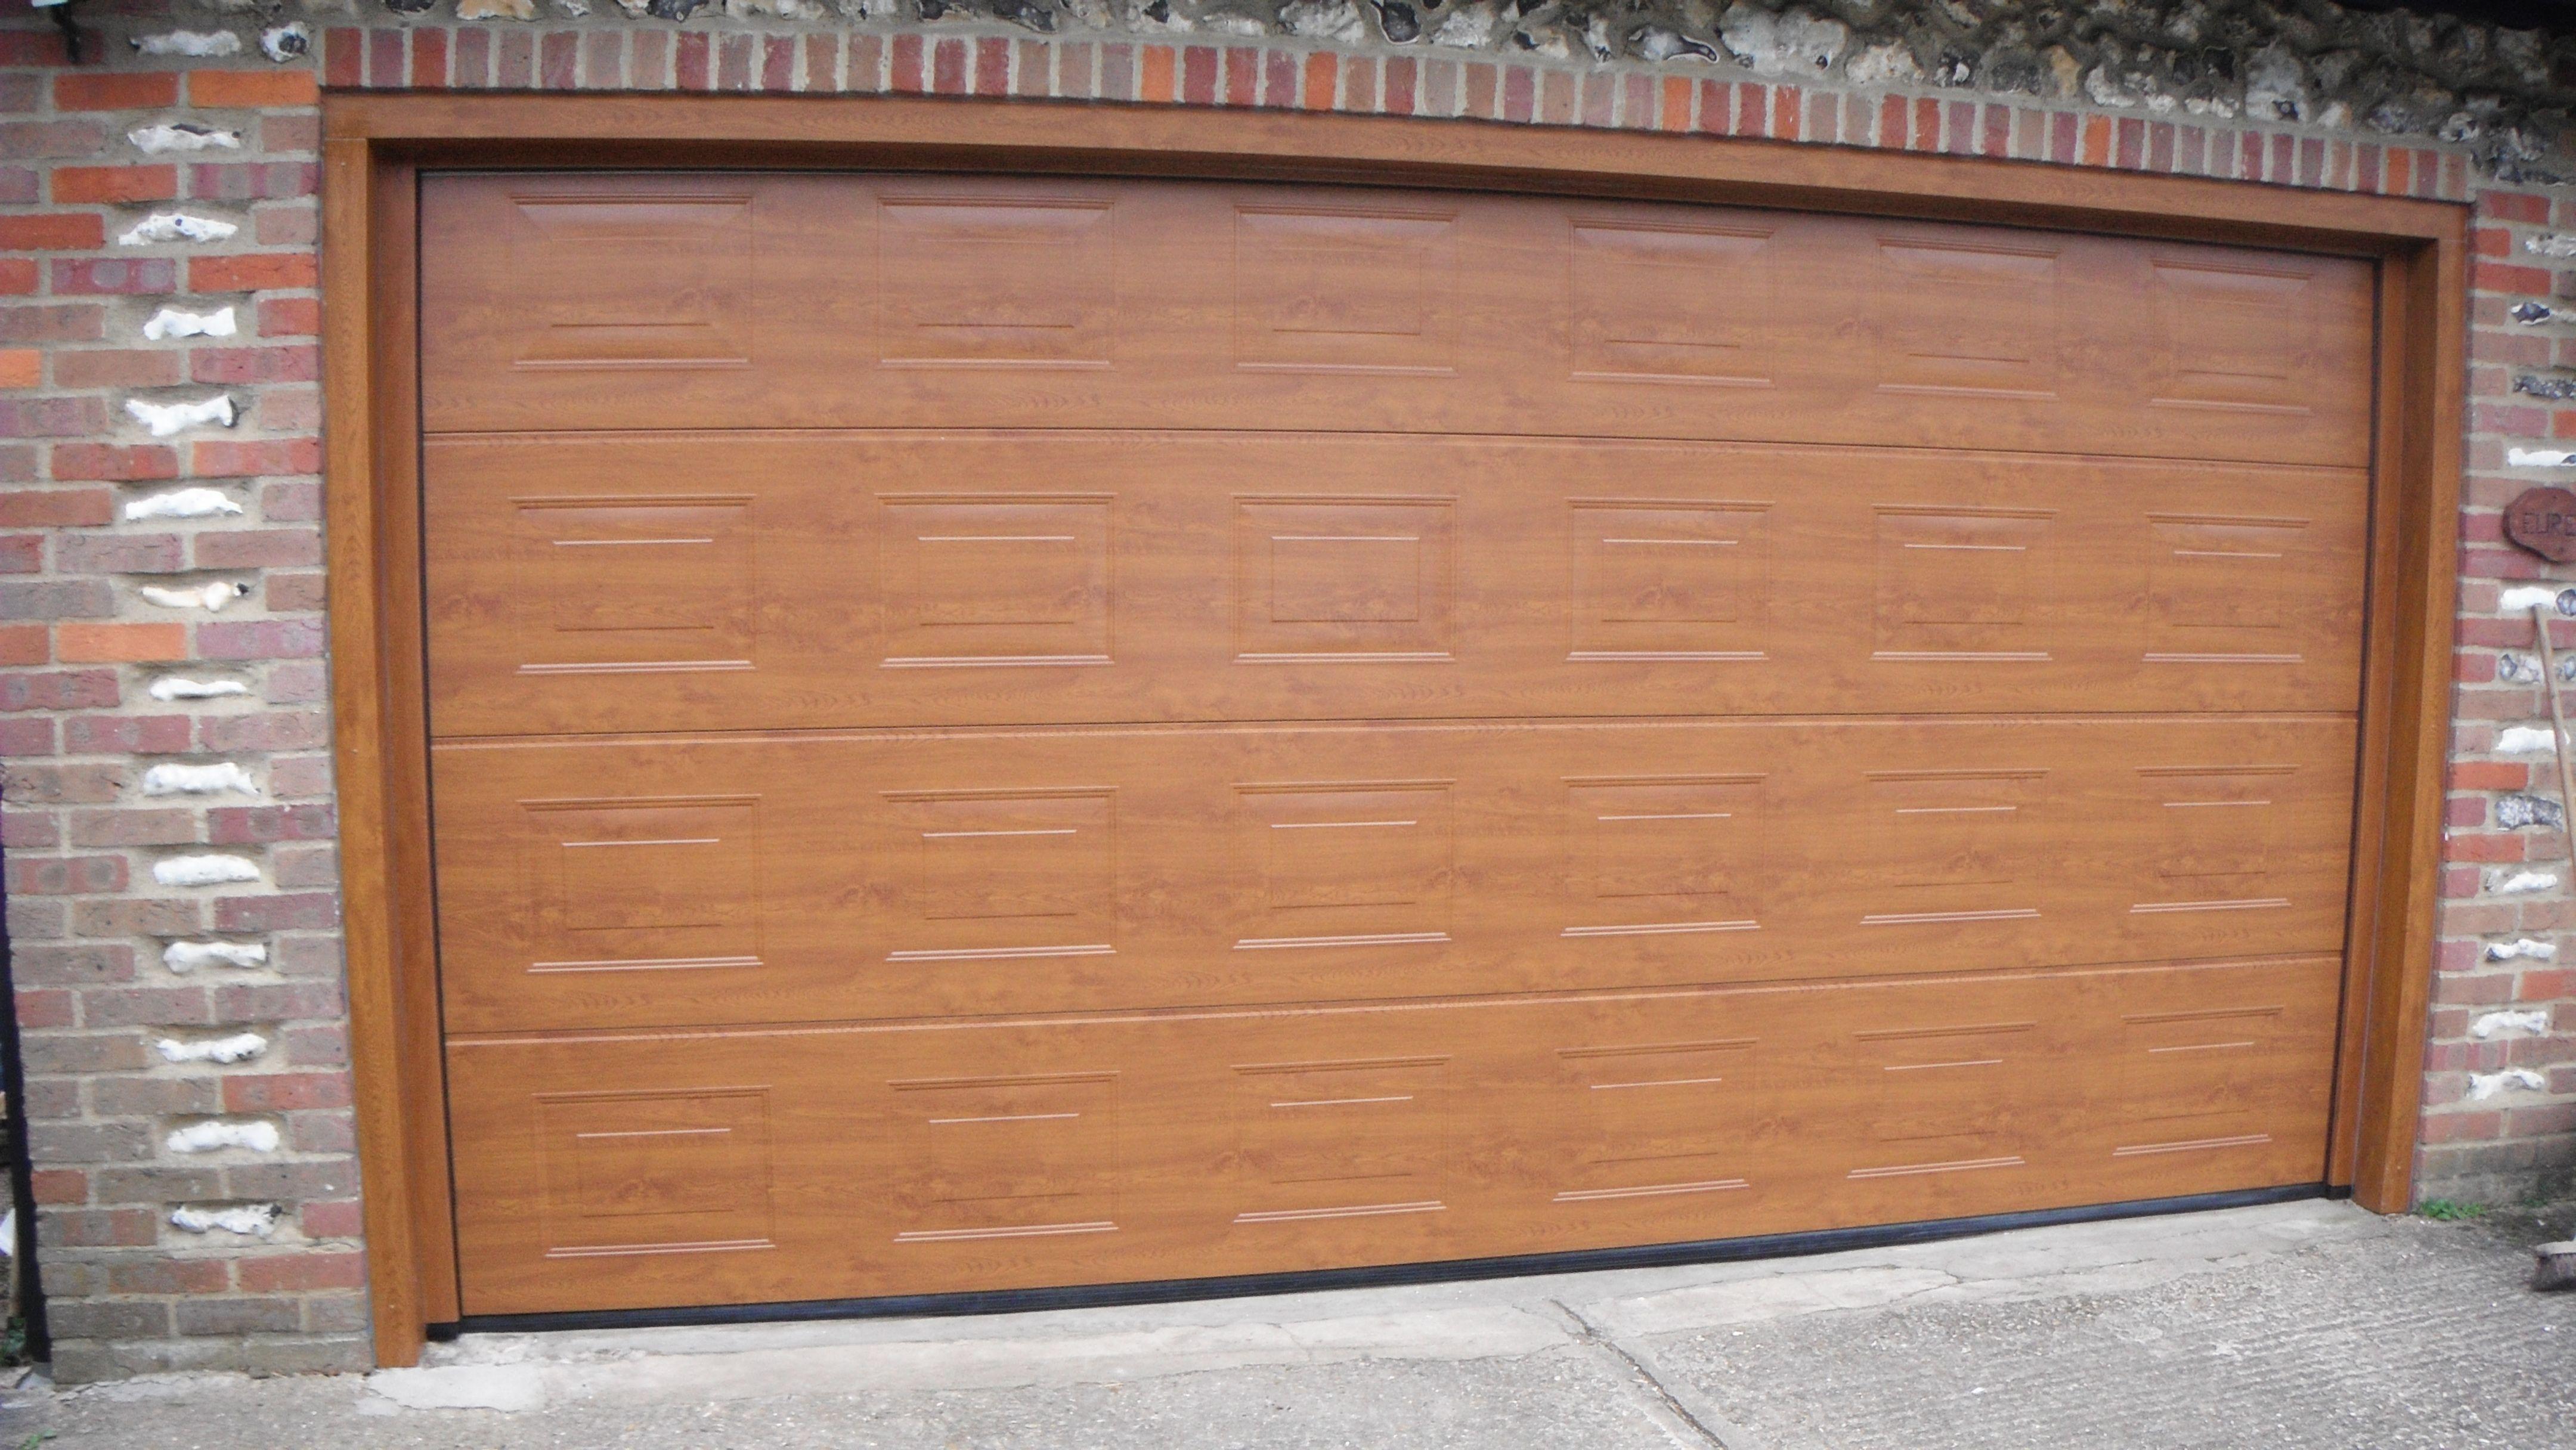 Sectional garage door - Hormann Golden Oak S Panelled Decograin Sectional Garage Door